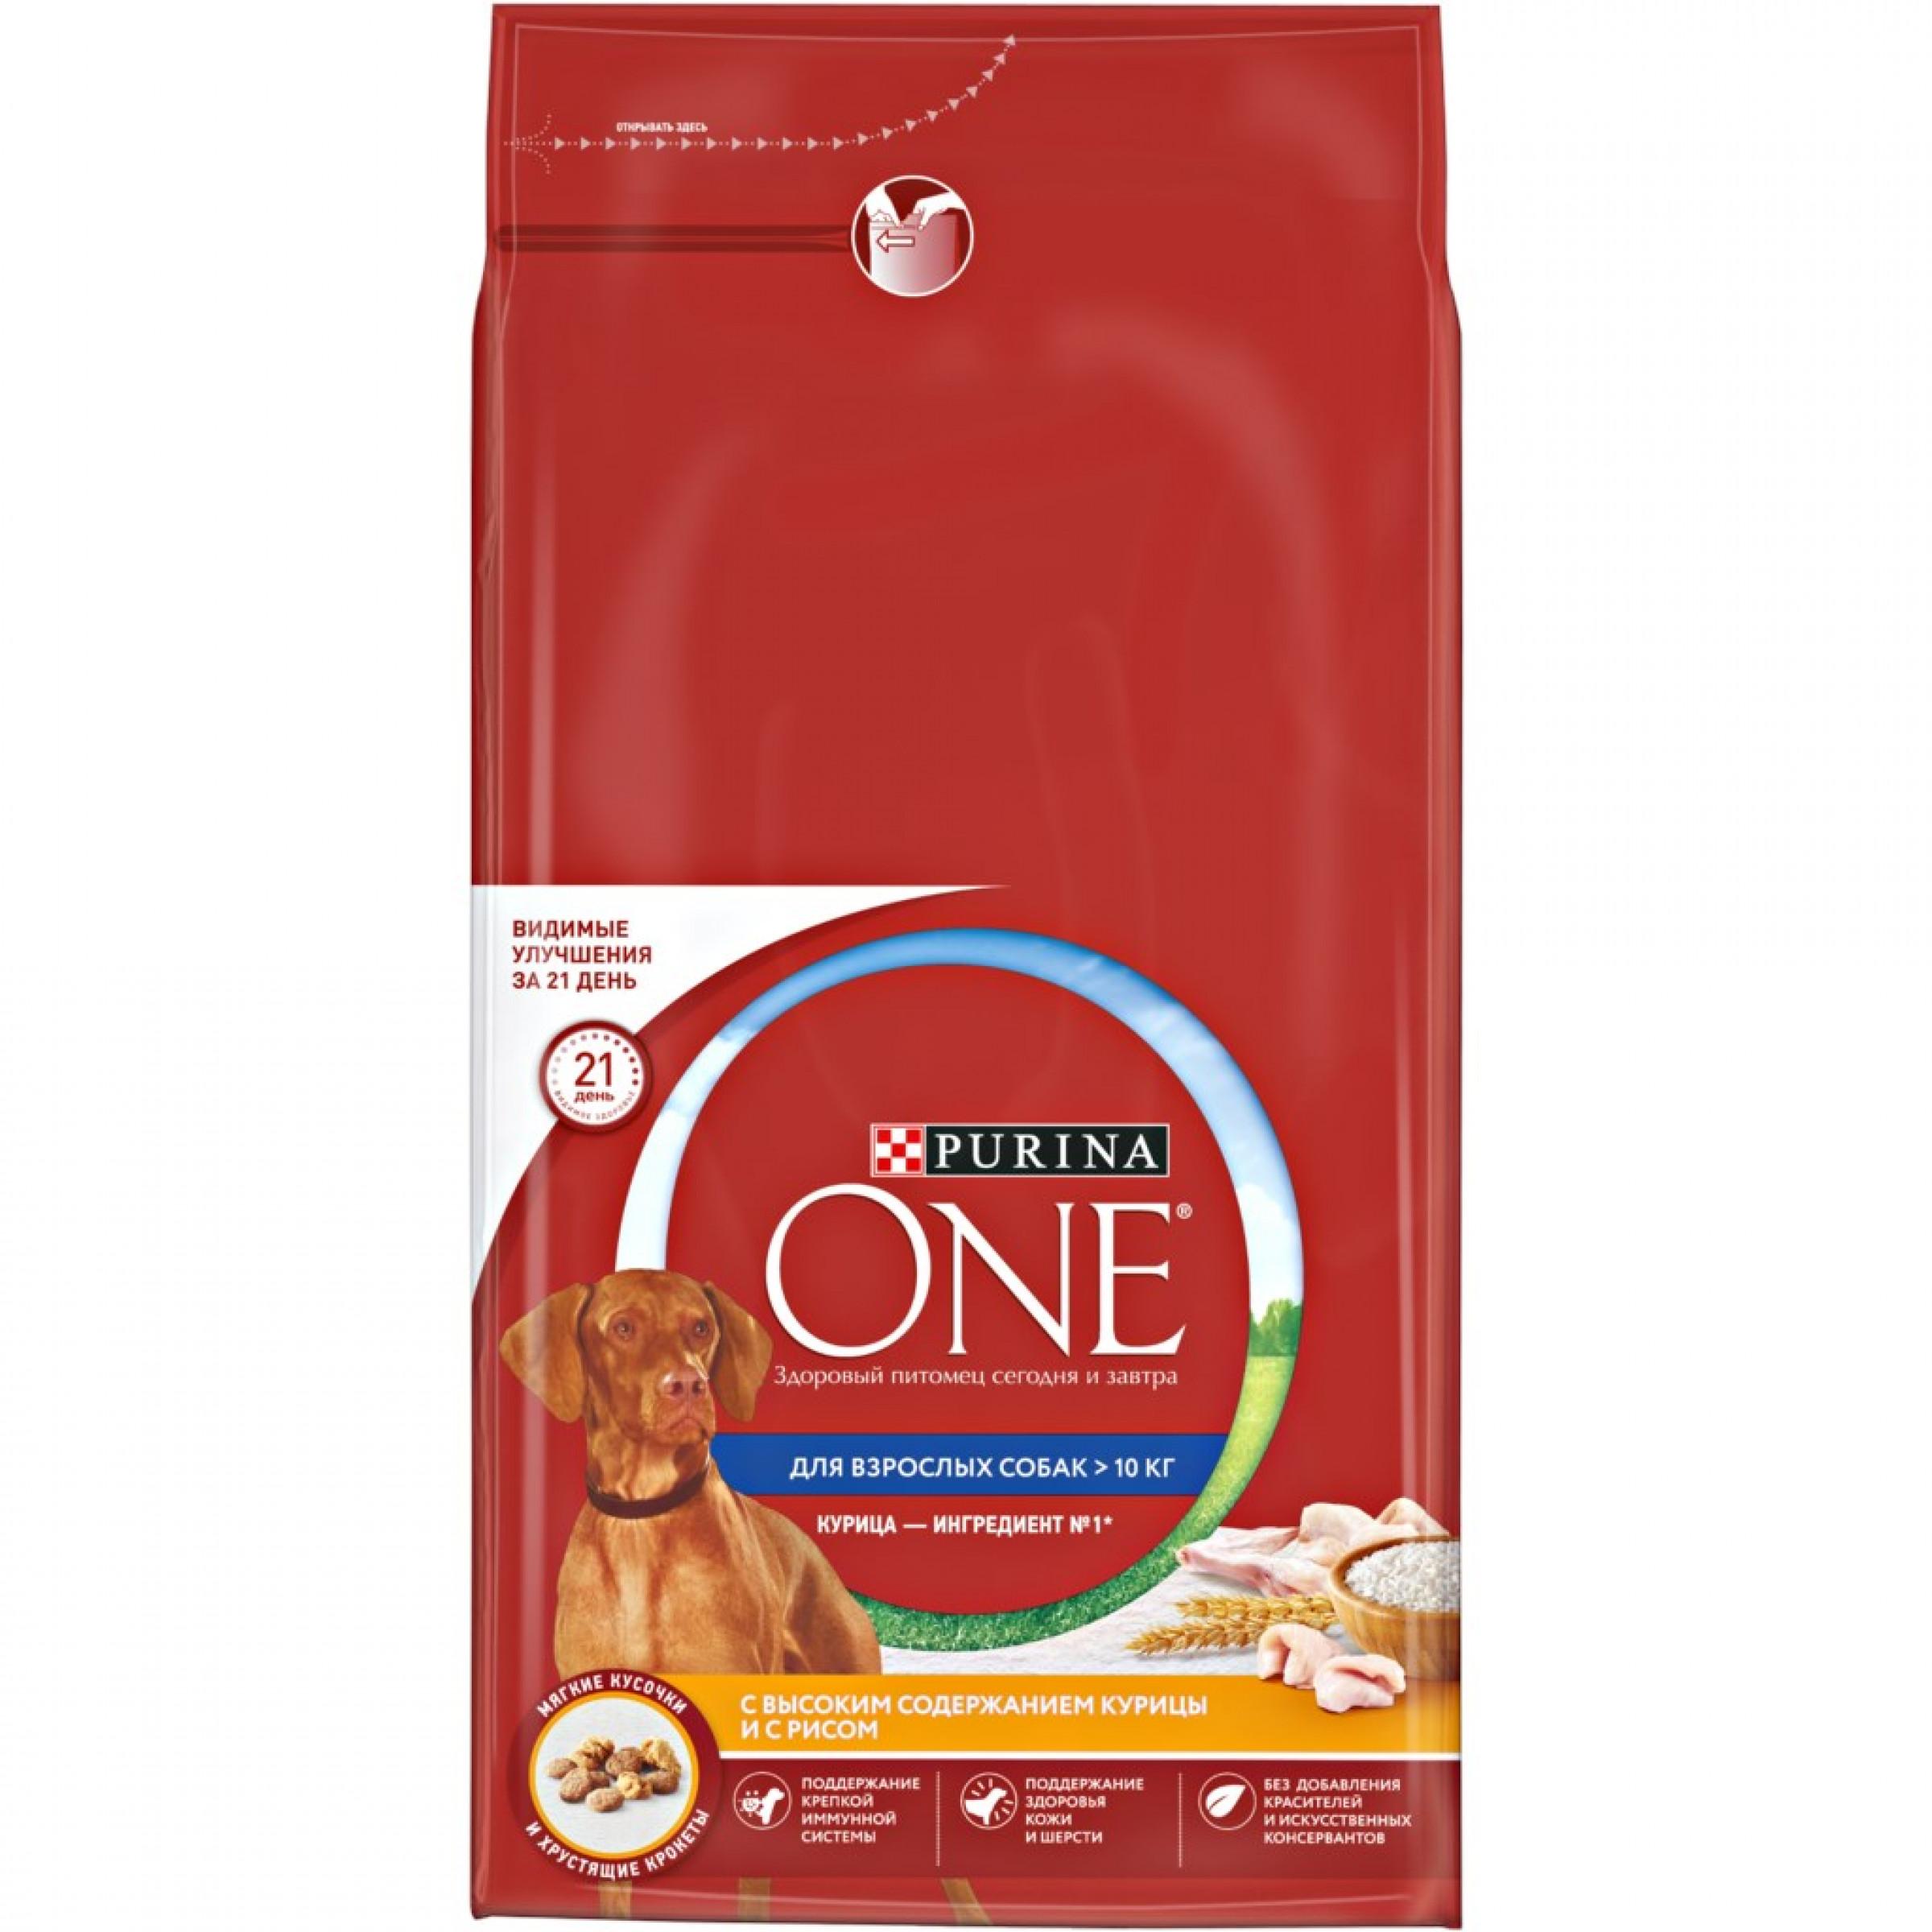 Сухой корм Purina ONE для взрослых собак средних и крупных пород, с курицей и с рисом, 1,8 кг